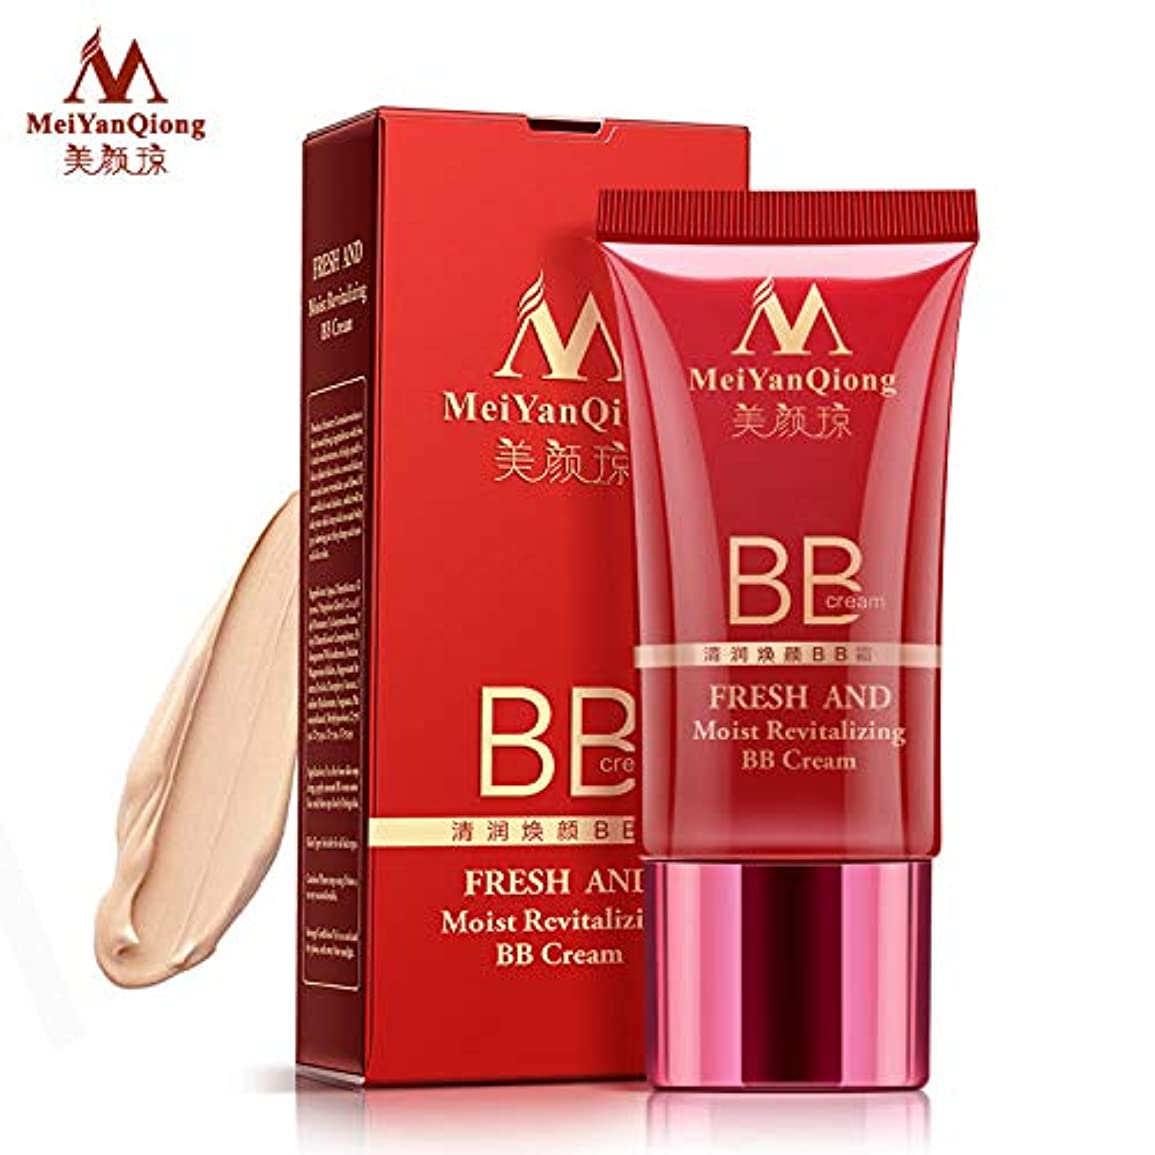 多用途ホーム違反Symboat BBクリーム フレッシュ しっとり 活性化 メイクアップ フェイスケア 美白 コンパクト ファンデーション メイクツール 化粧ベース 美容 化粧品 健康的な自然な肌色